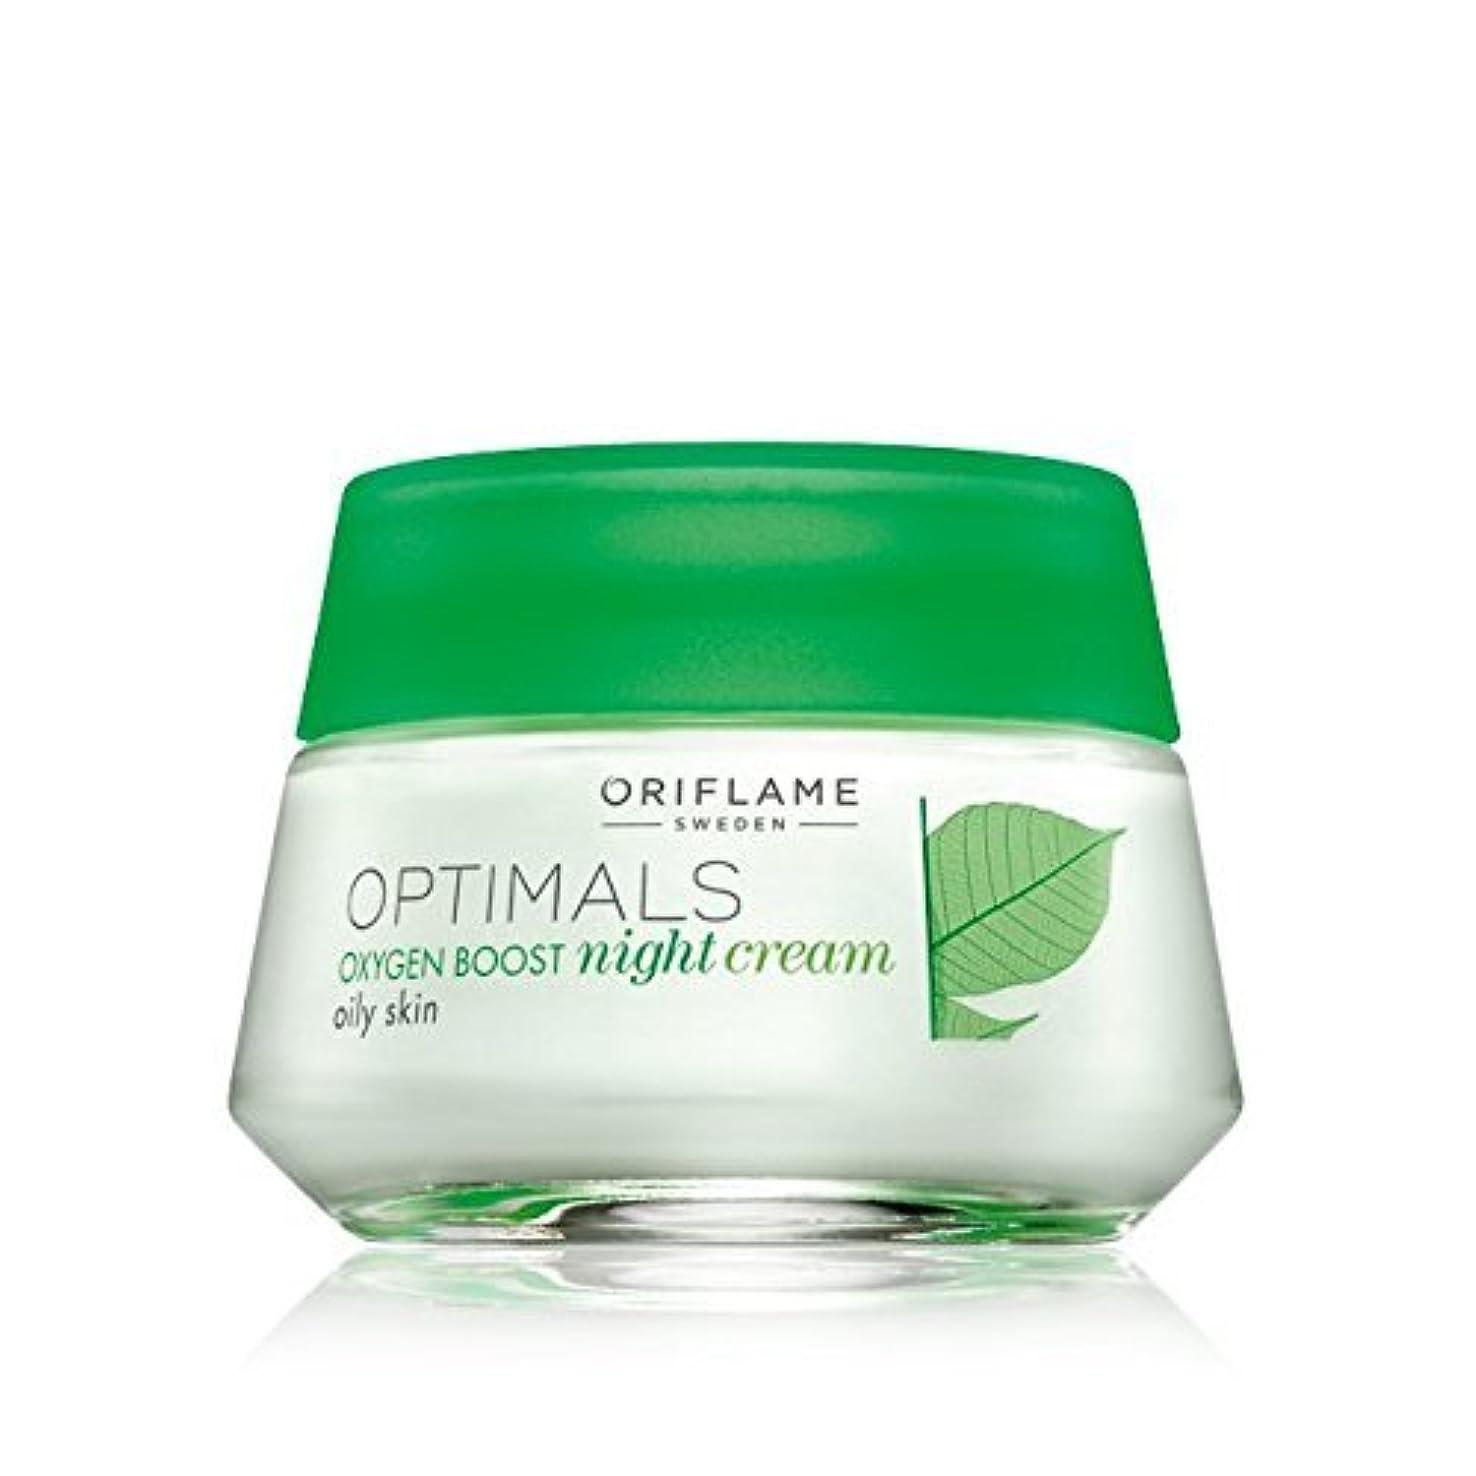 時代プレミアスクランブルOptimals Oxygen Boost Night Cream Oily Skin by Oriflame